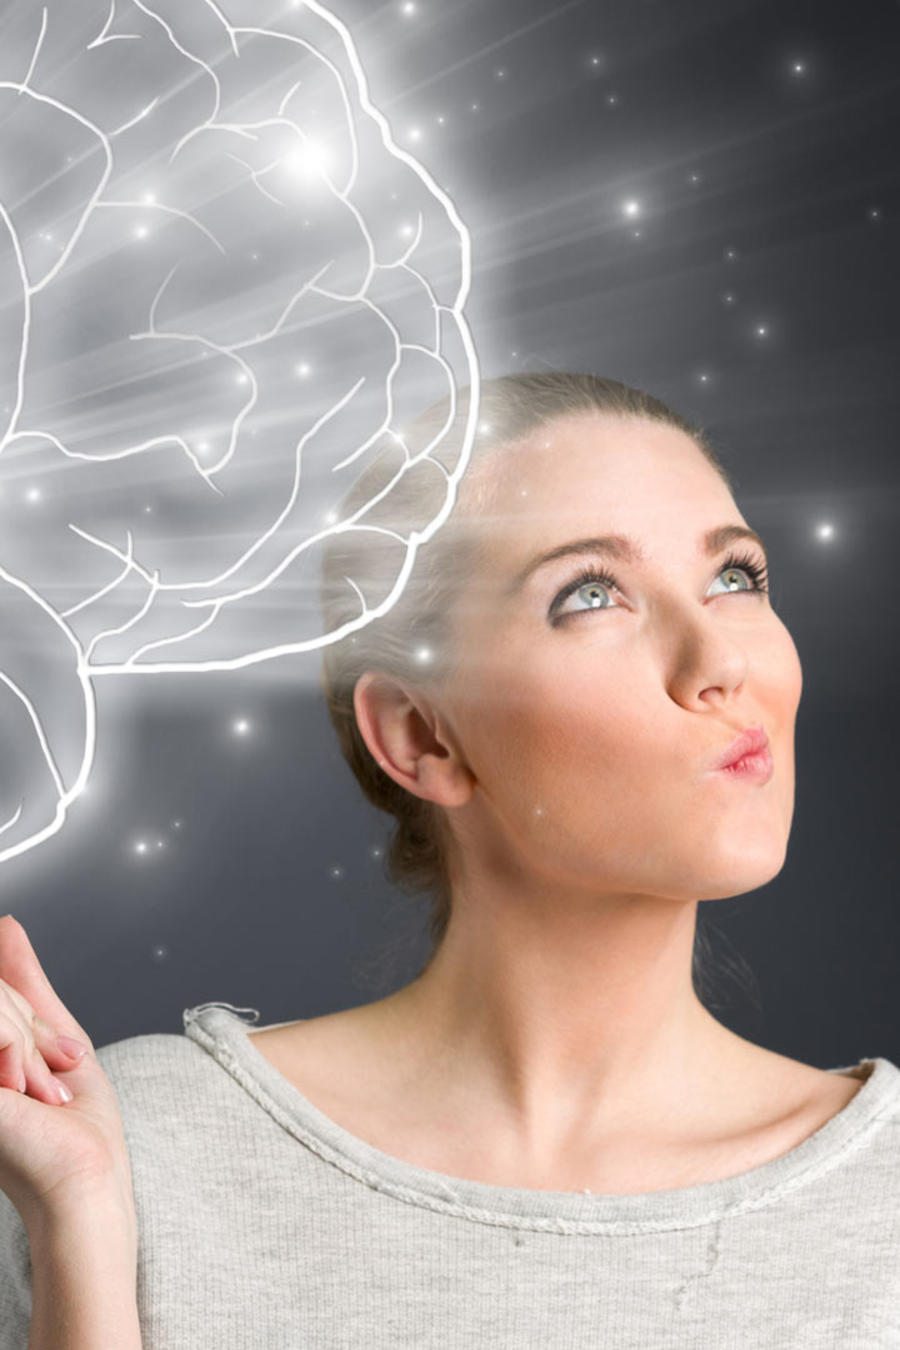 5 curiosidades sobre el cerebro humano